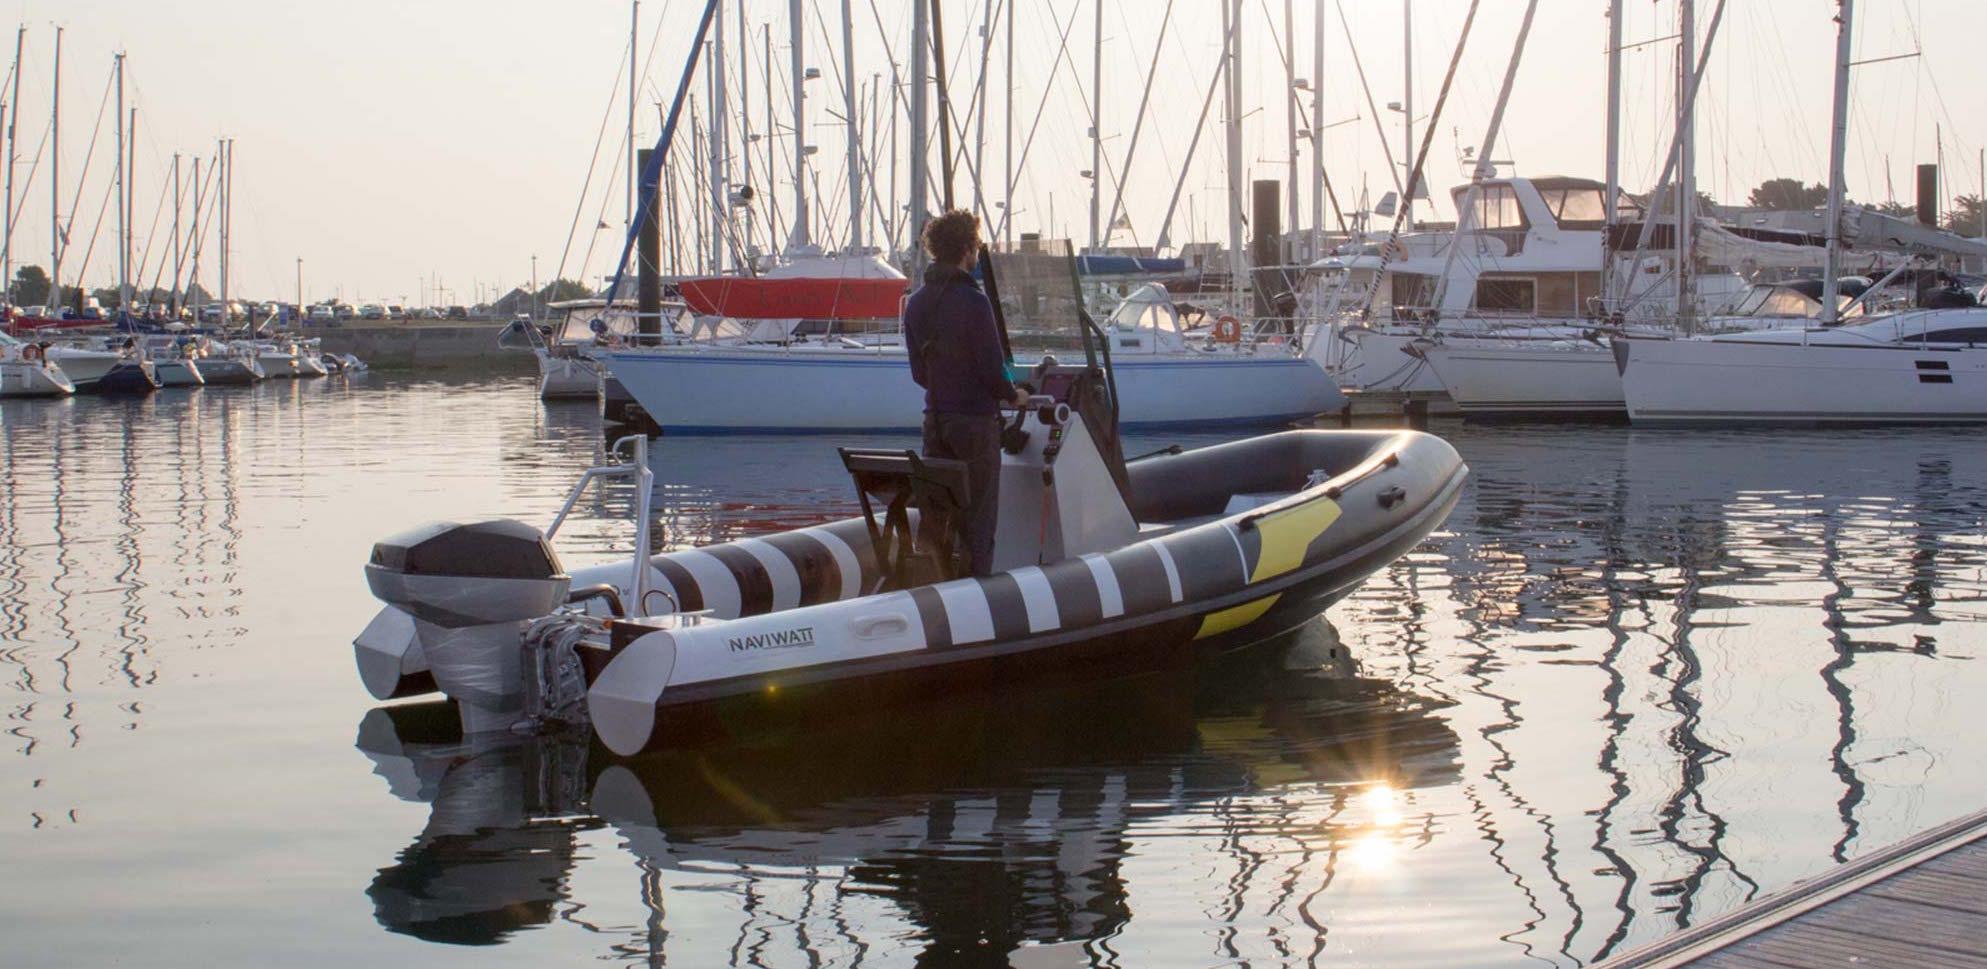 ZenPro_electric_boat_2000.jpg